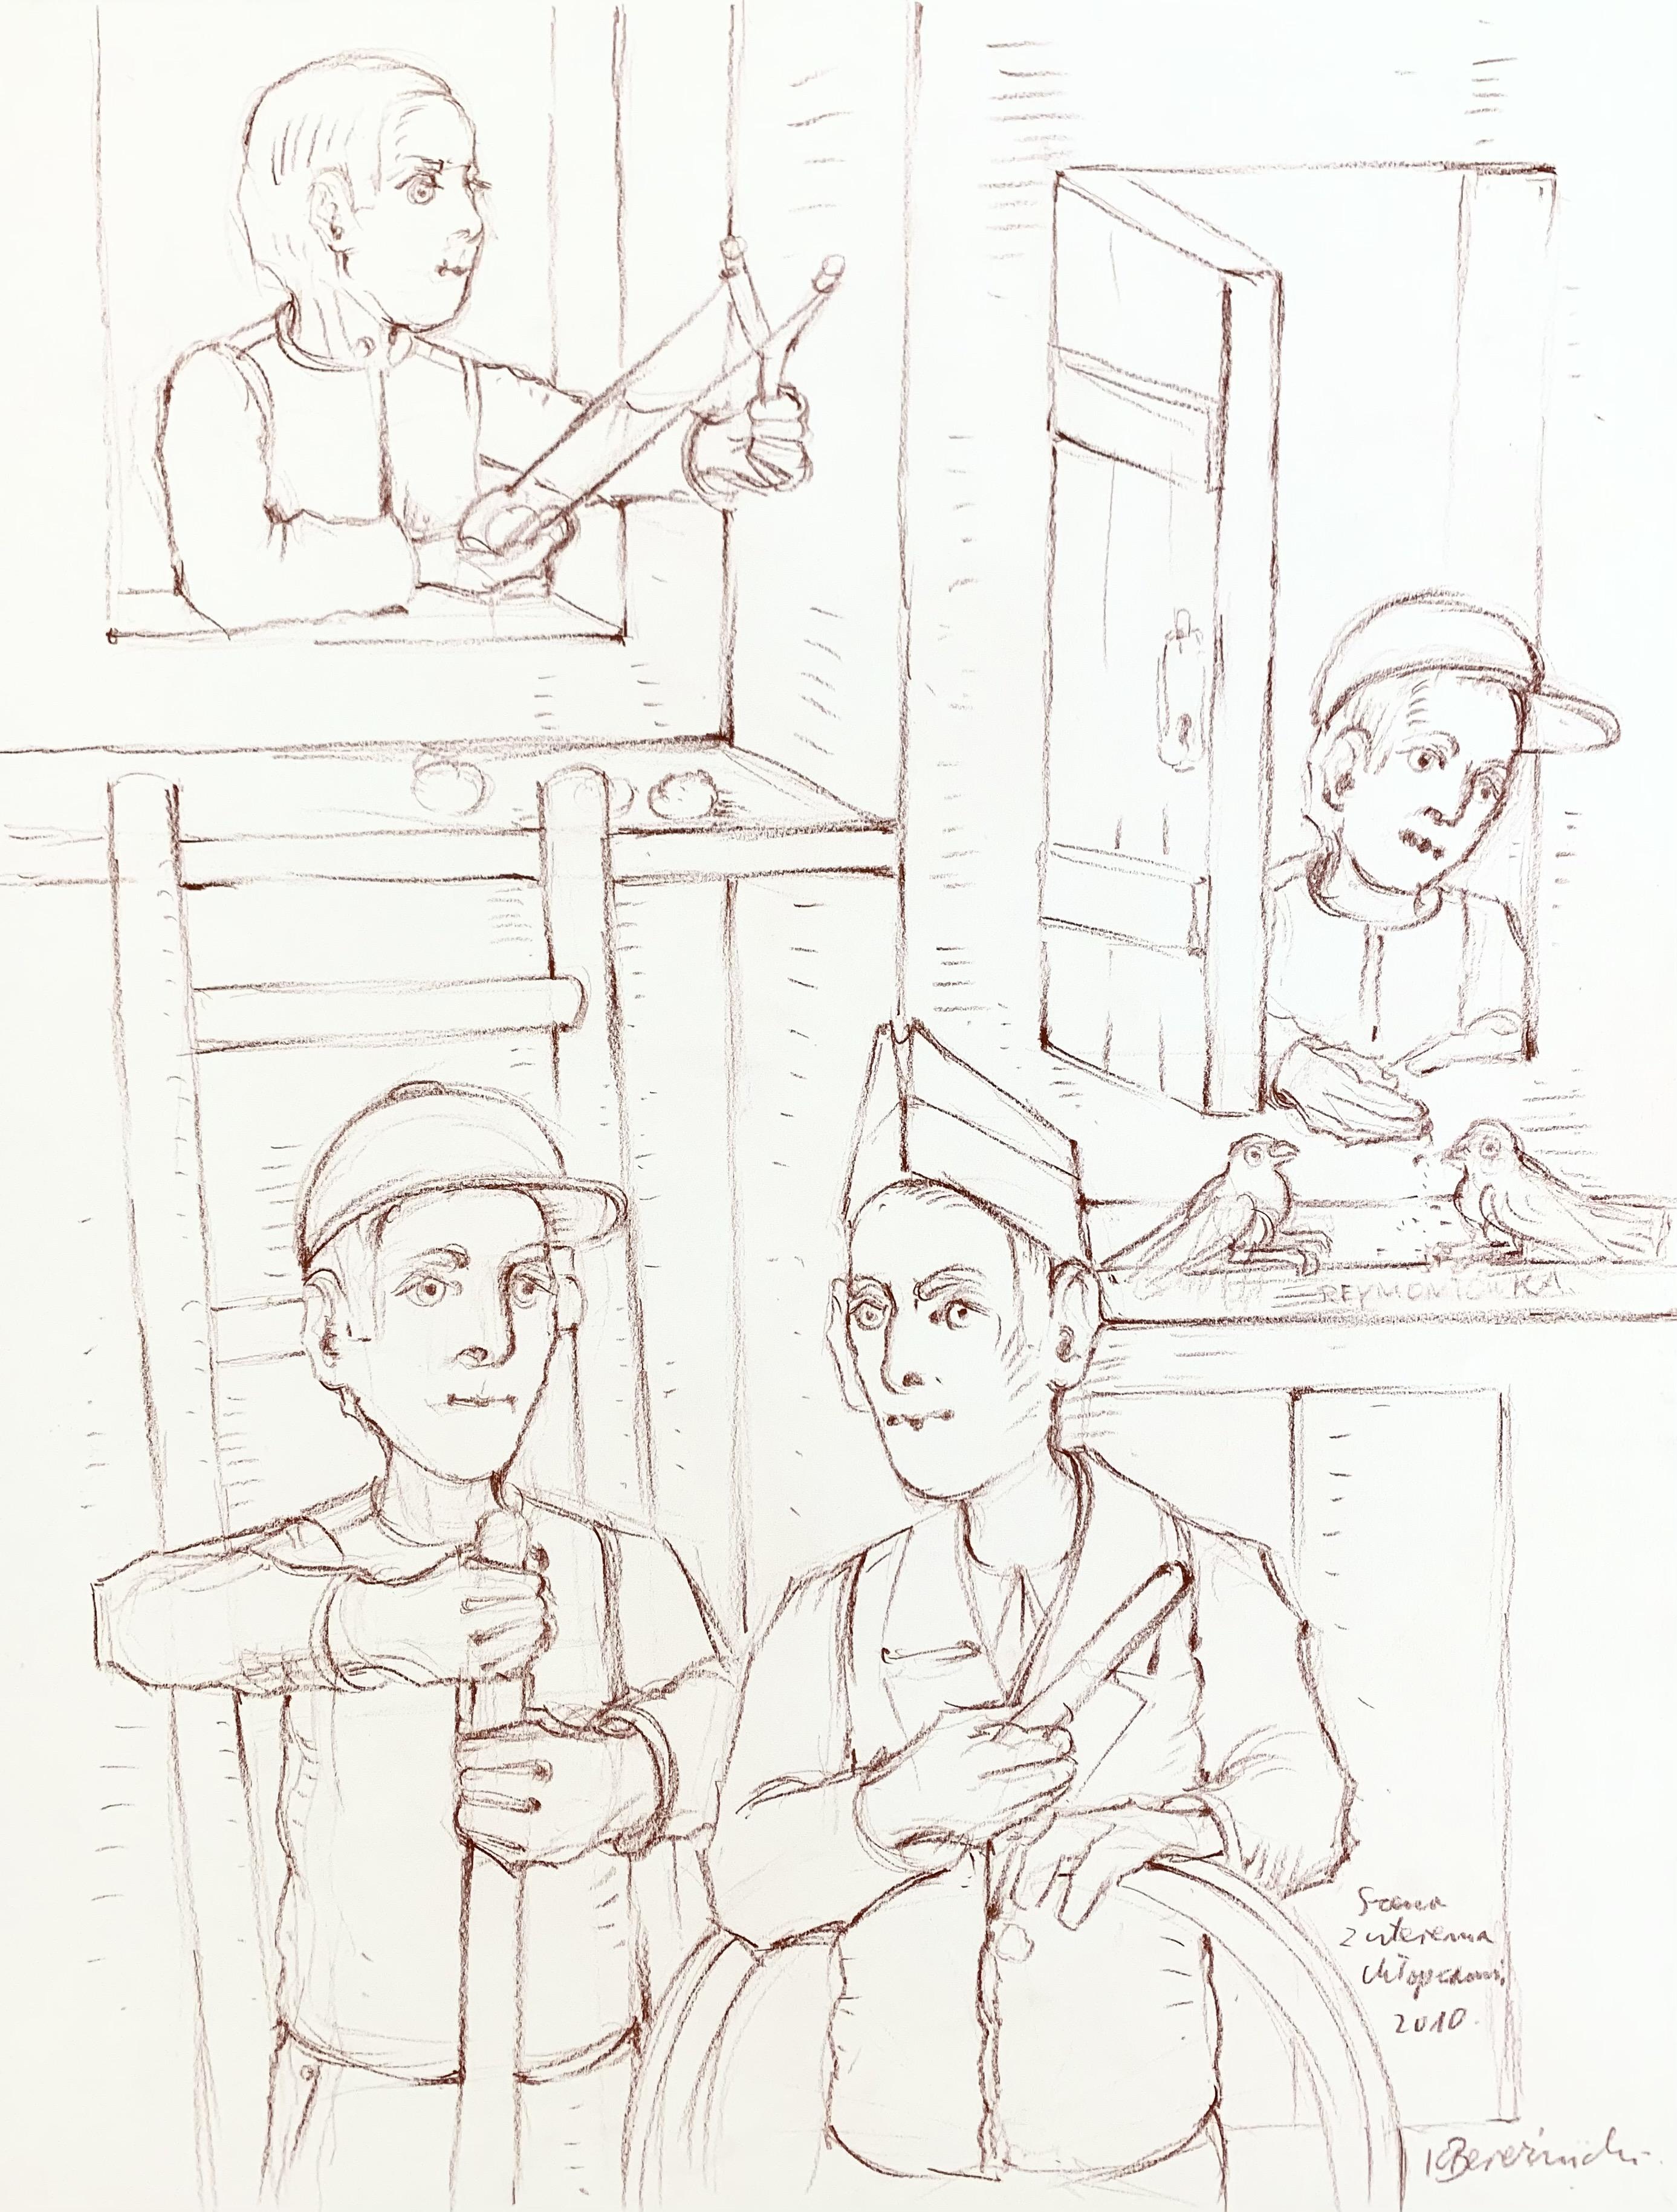 Scena z czterema chłopcami